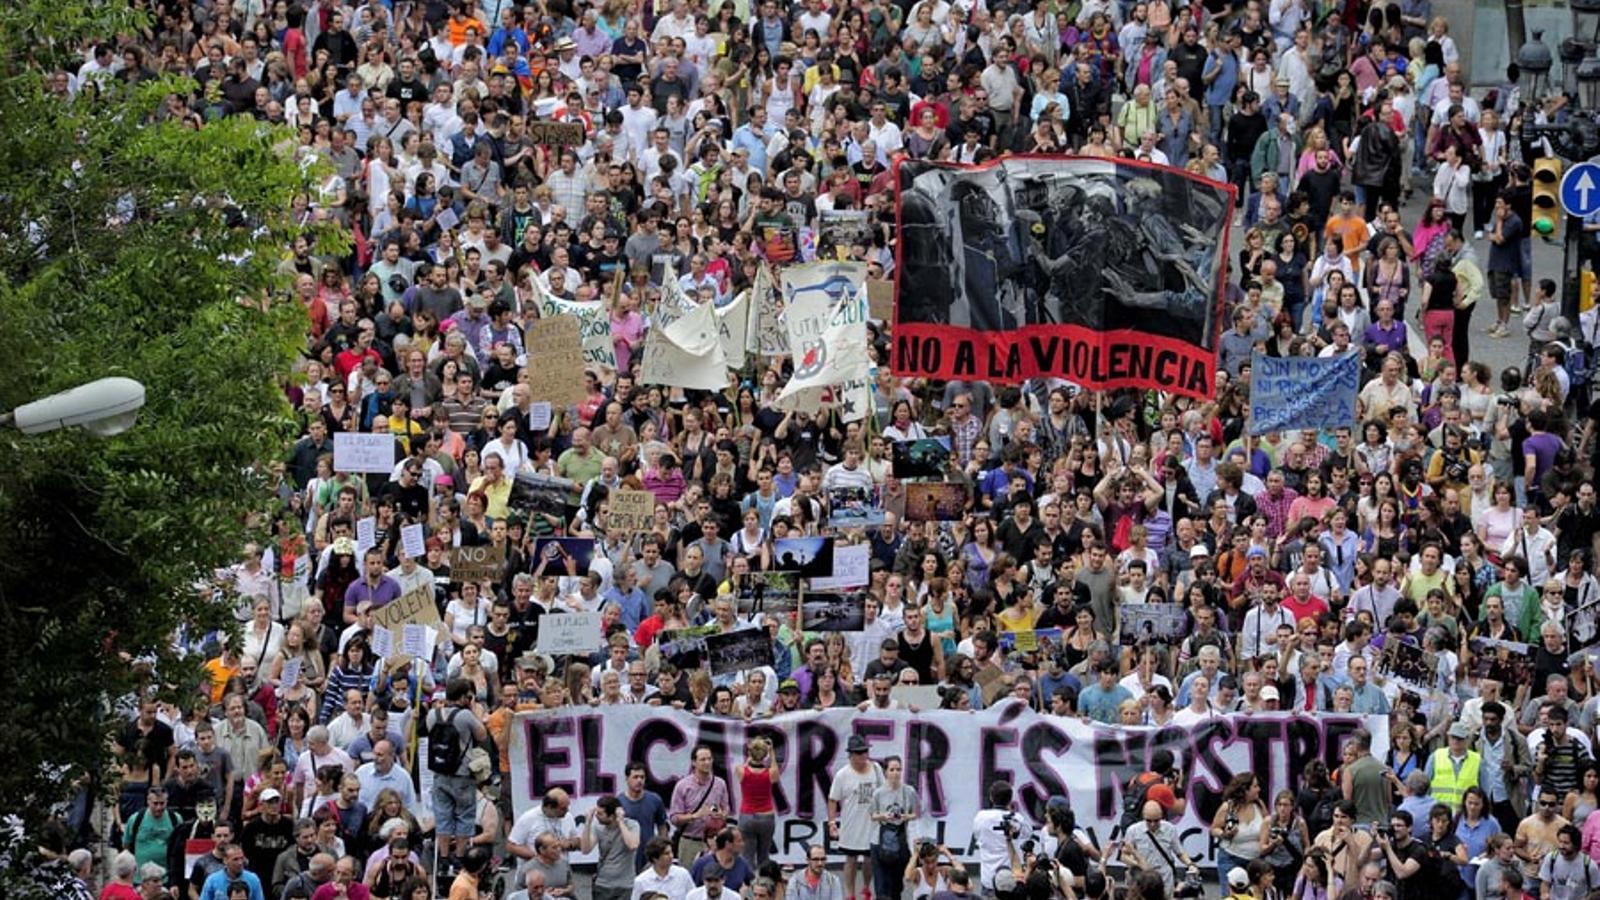 Massiva demostració de força dels 'indignats' als carrers de Barcelona. JOSEP LAGO/AFP